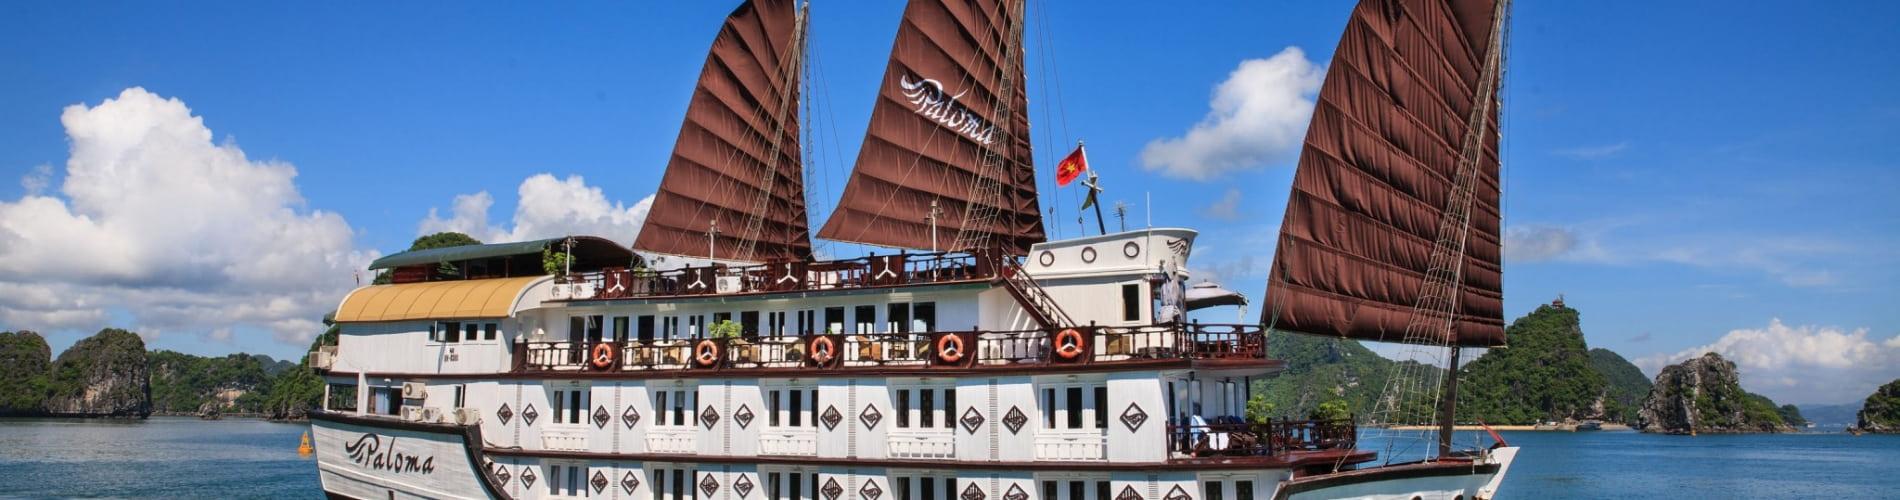 Paloma Cruise